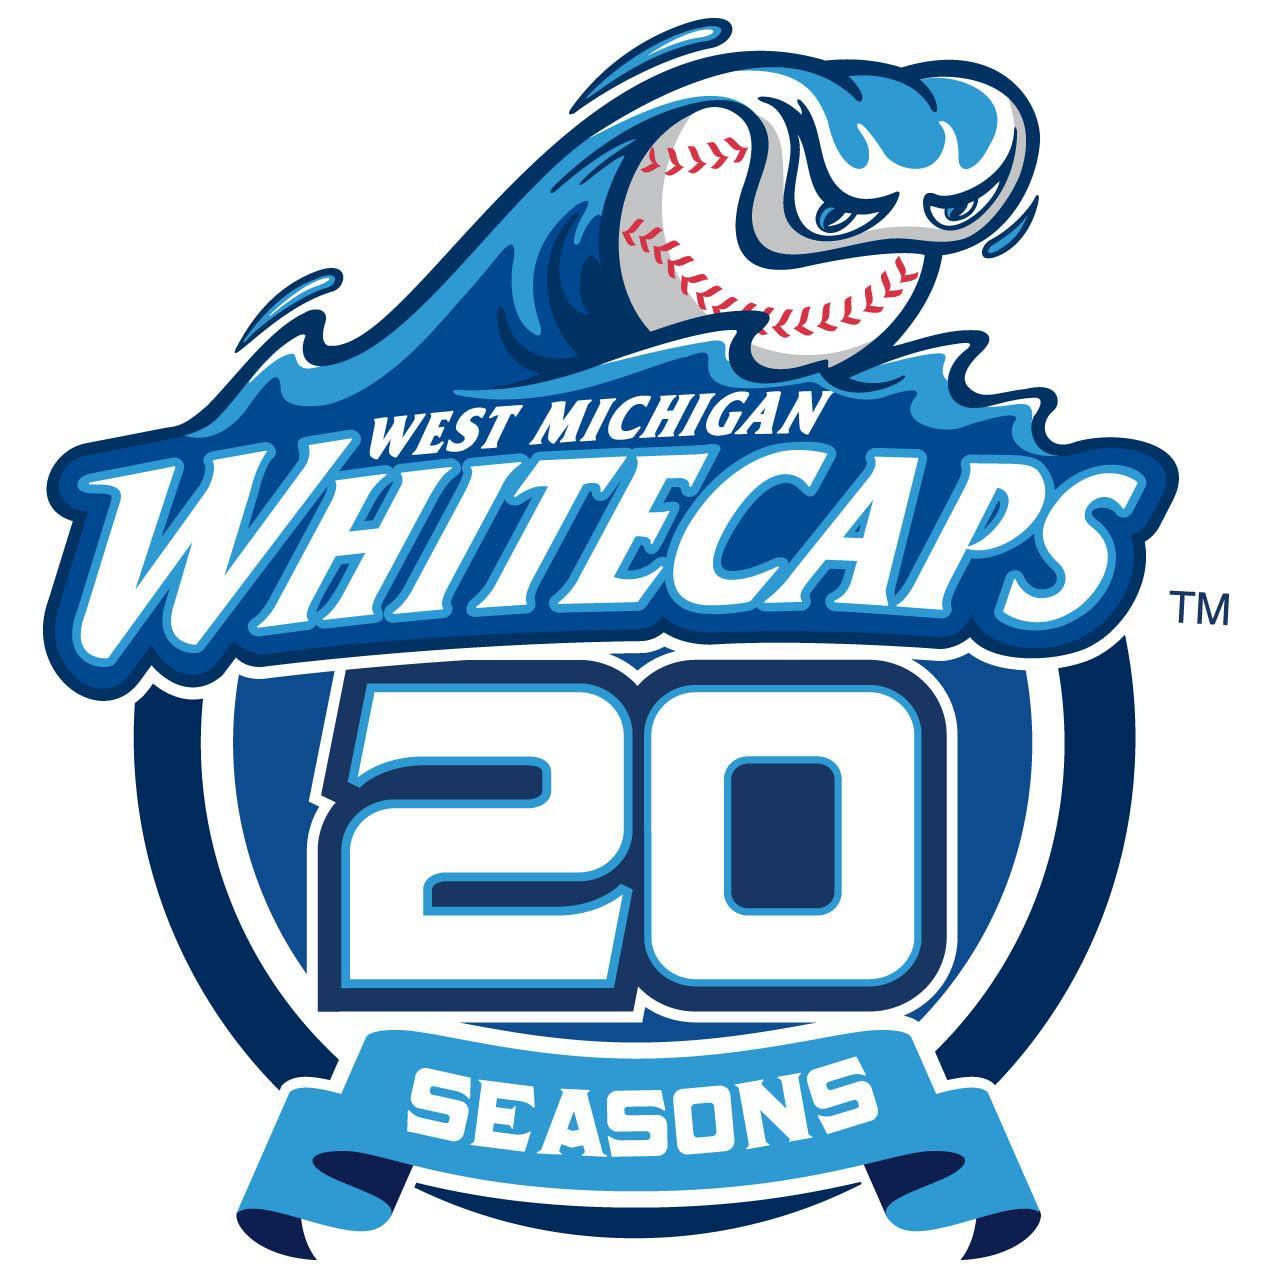 West Michigan Whitecaps Logo Anniversary Logo (2013) - West Michigan Whitecaps 20th Season Logo SportsLogos.Net